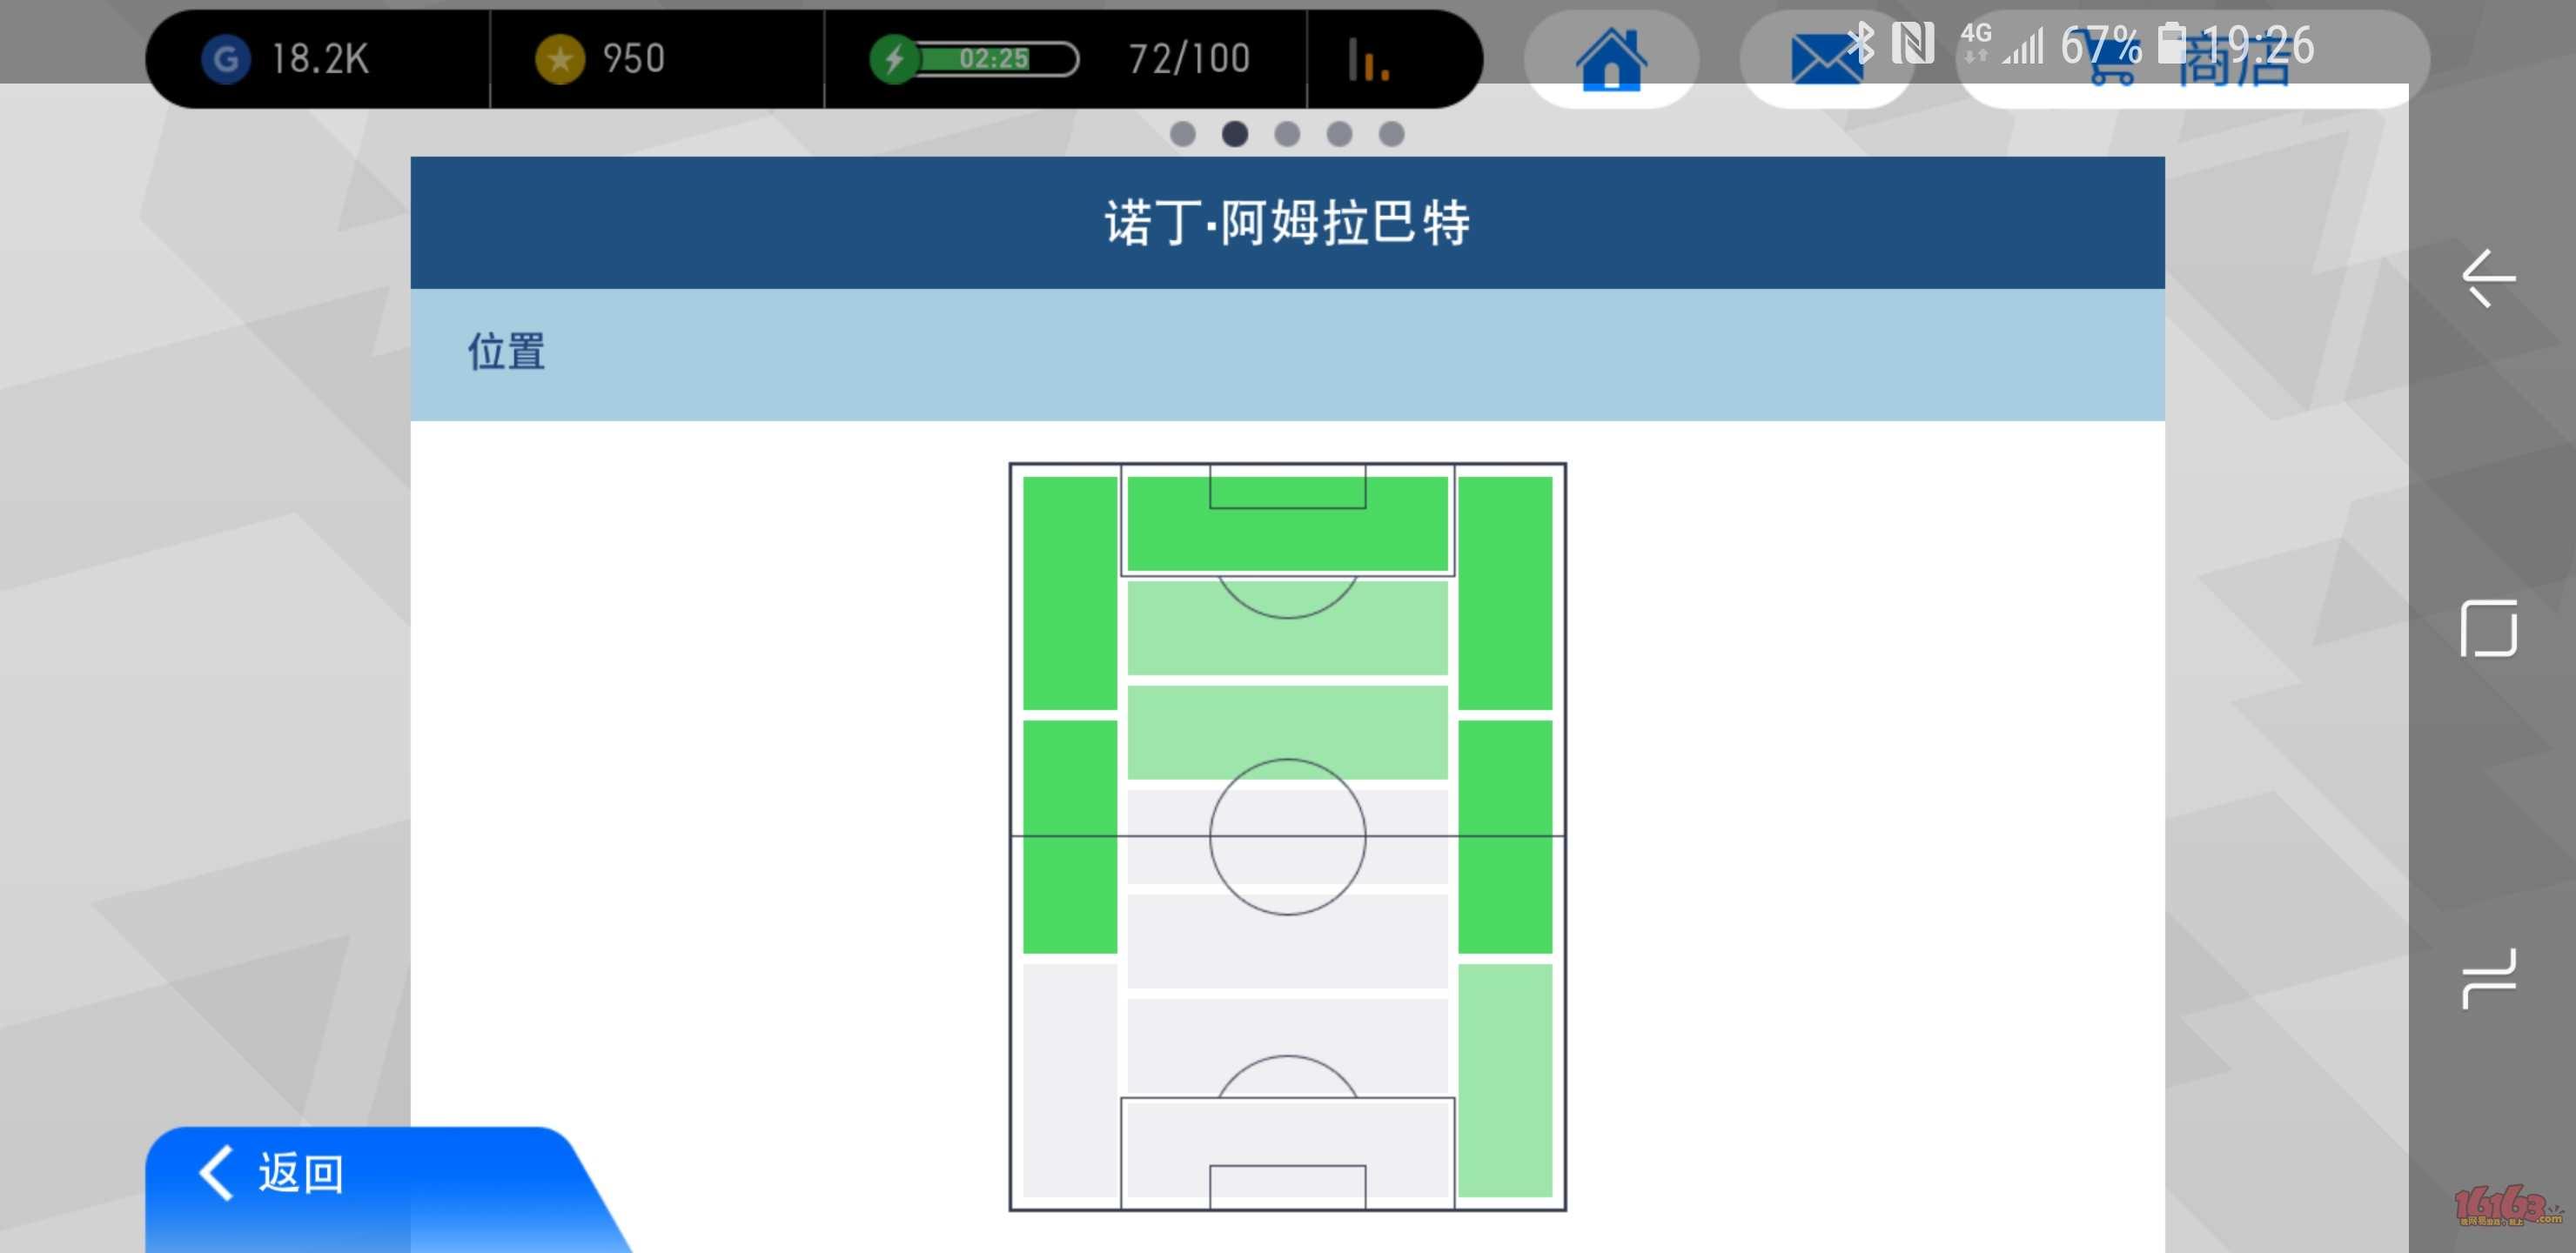 Screenshot_20180804-192643_瀹炲喌瓒崇悆.jpg